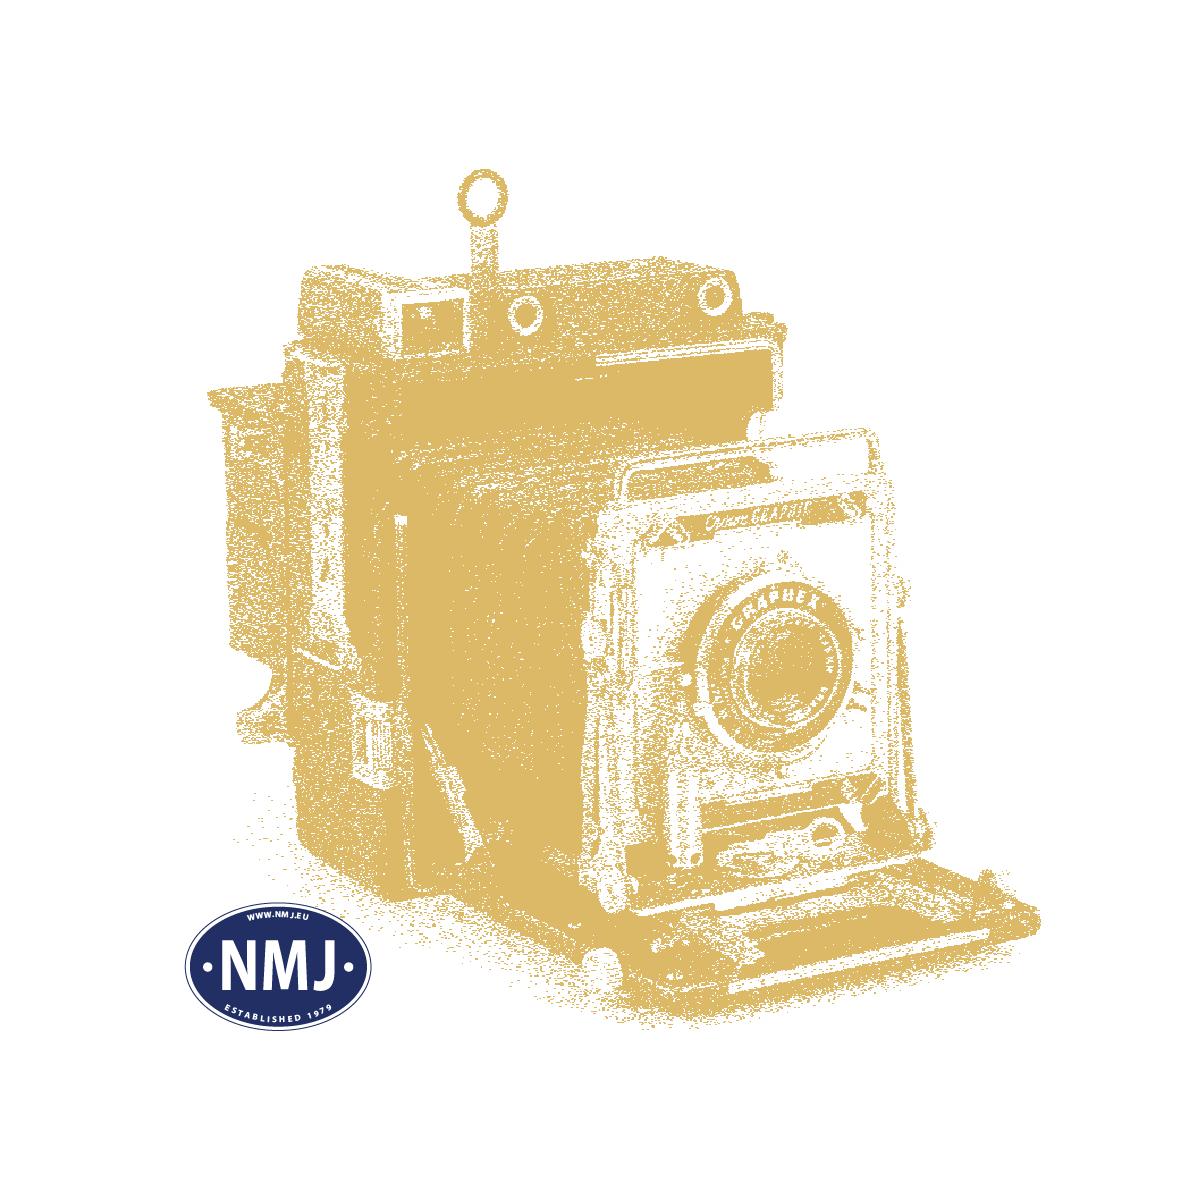 NJKPS175 - På Sporet nr 175, blad